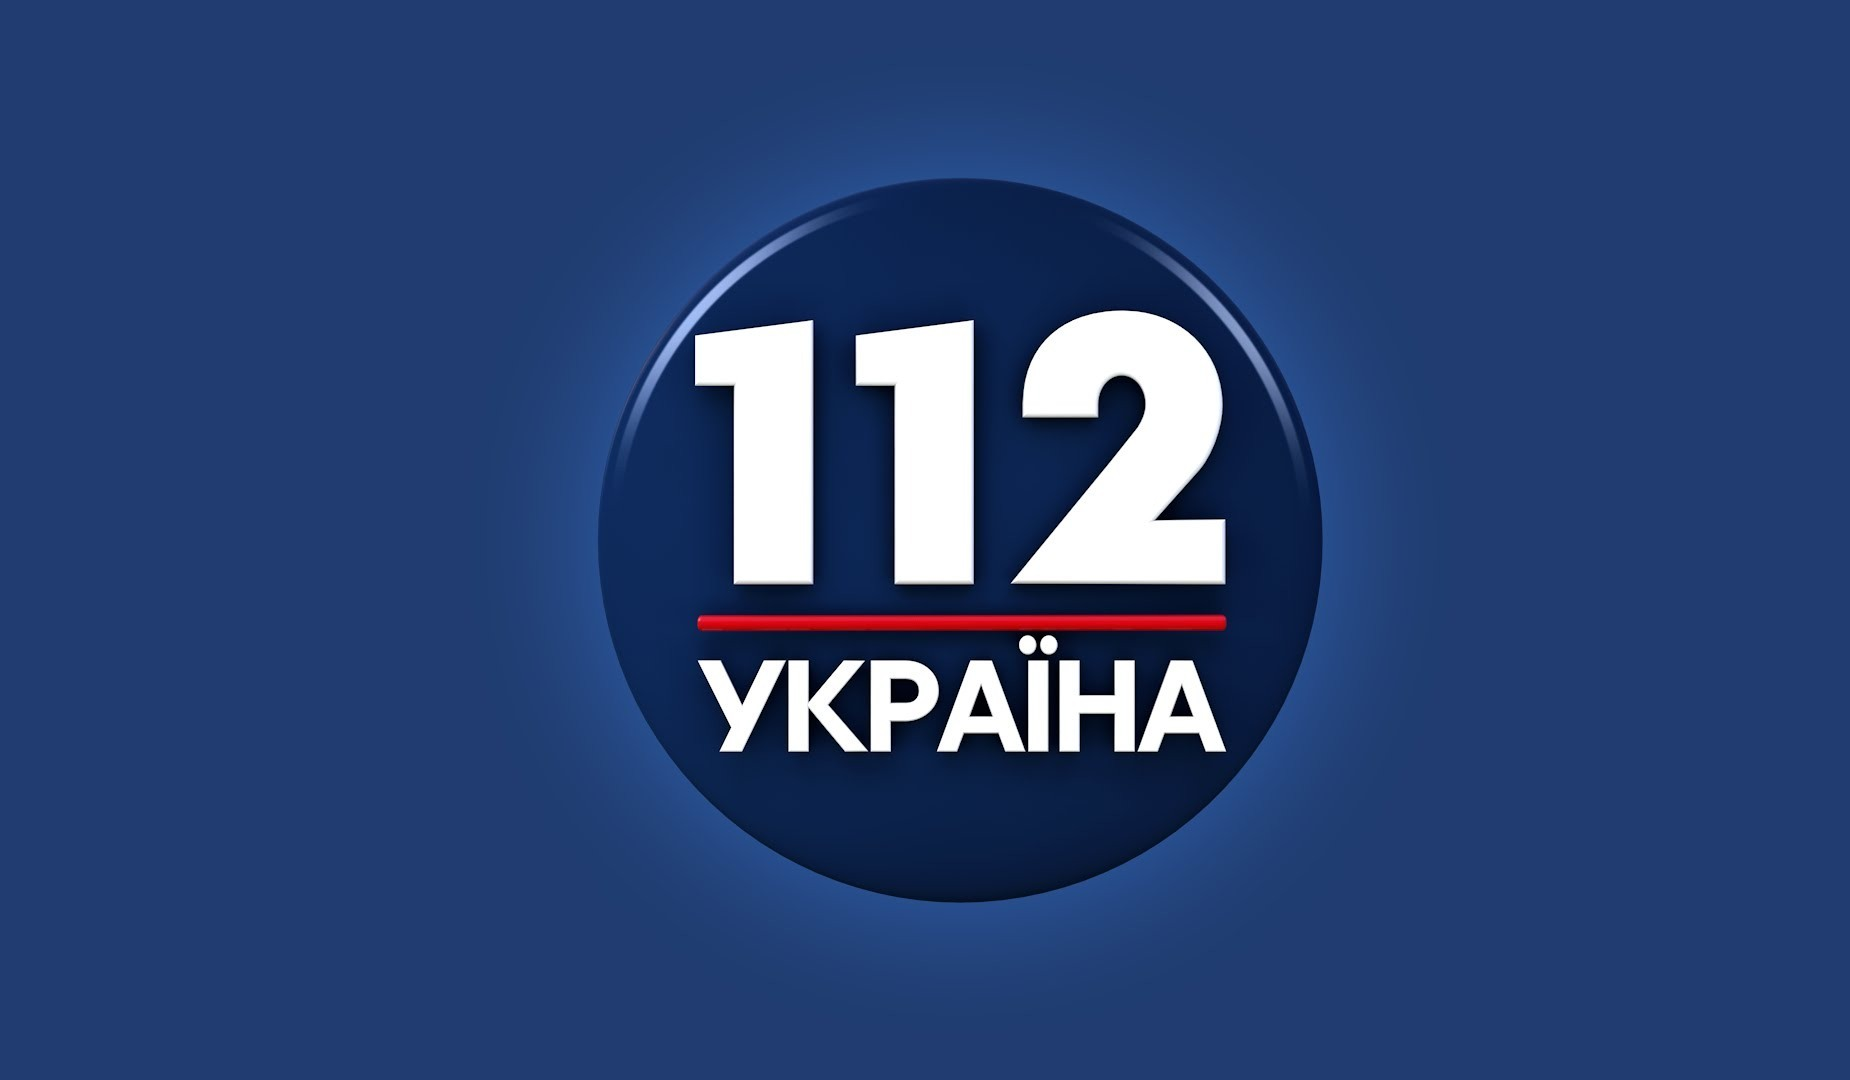 Нацрада вже 28 разів відмовила групі компаній «112 Україна» в об'єднанні в один загальнонаціональний канал